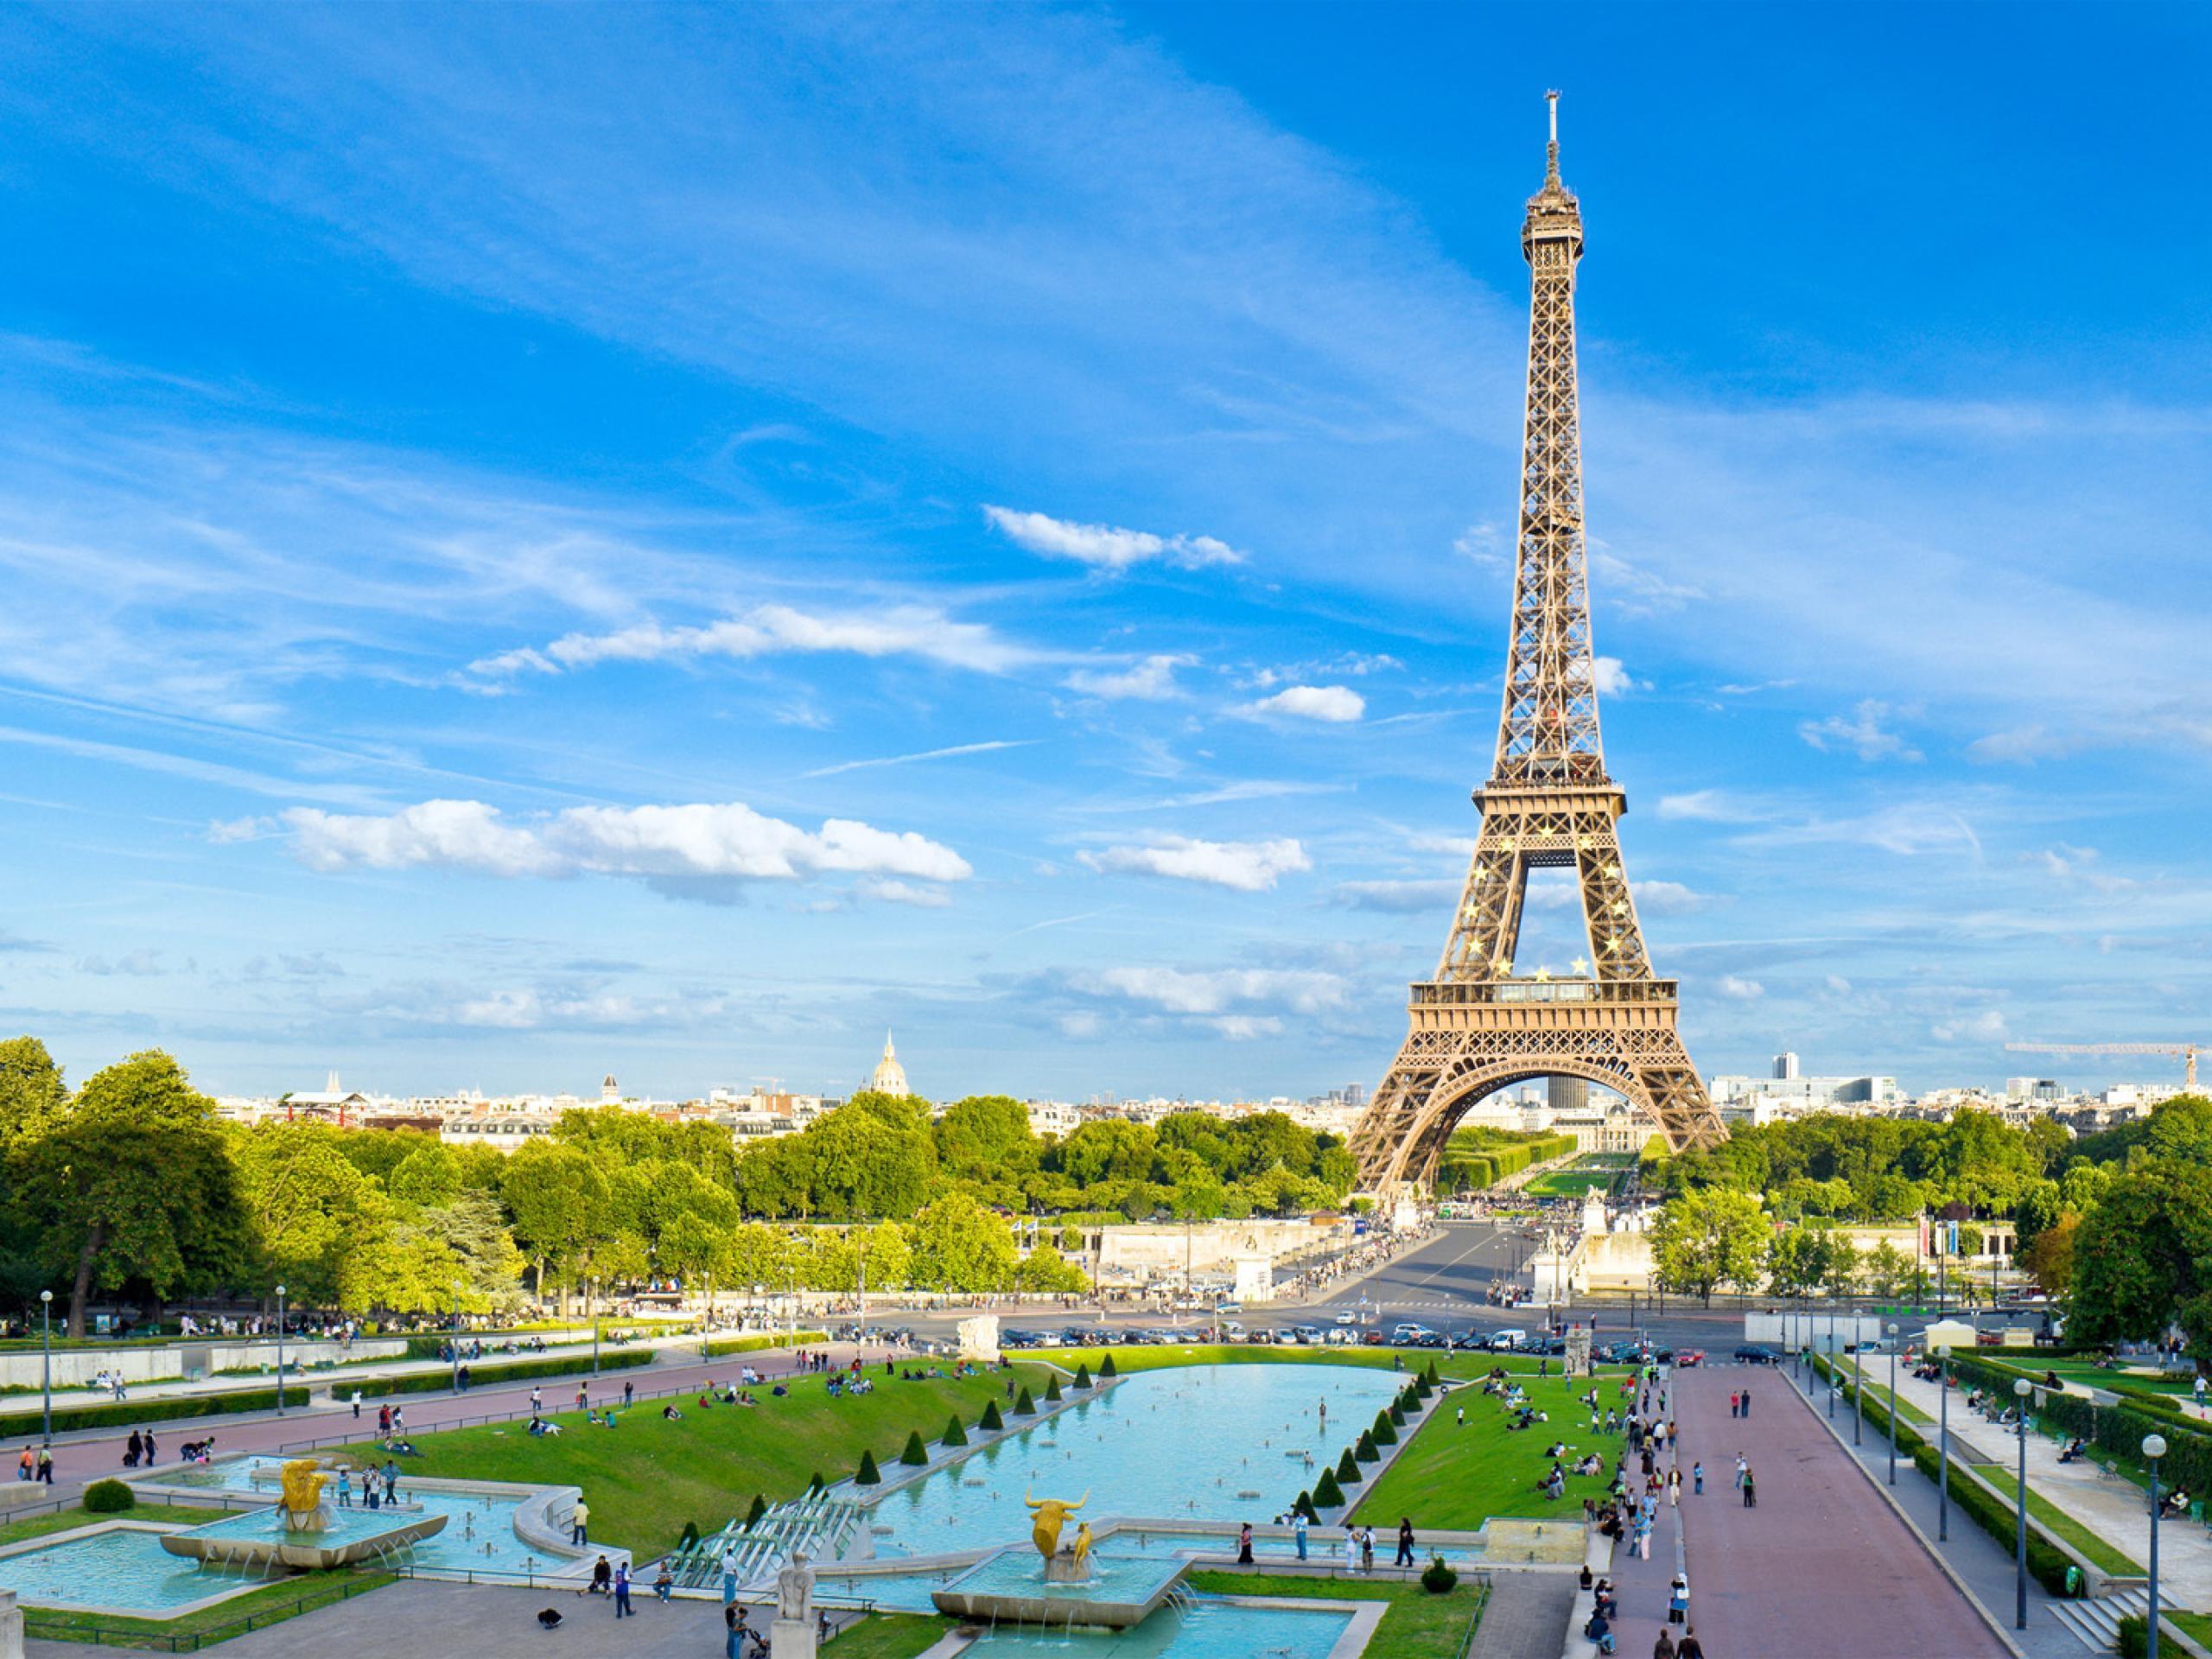 La Torre Eiffel en HDR - 2560x1920